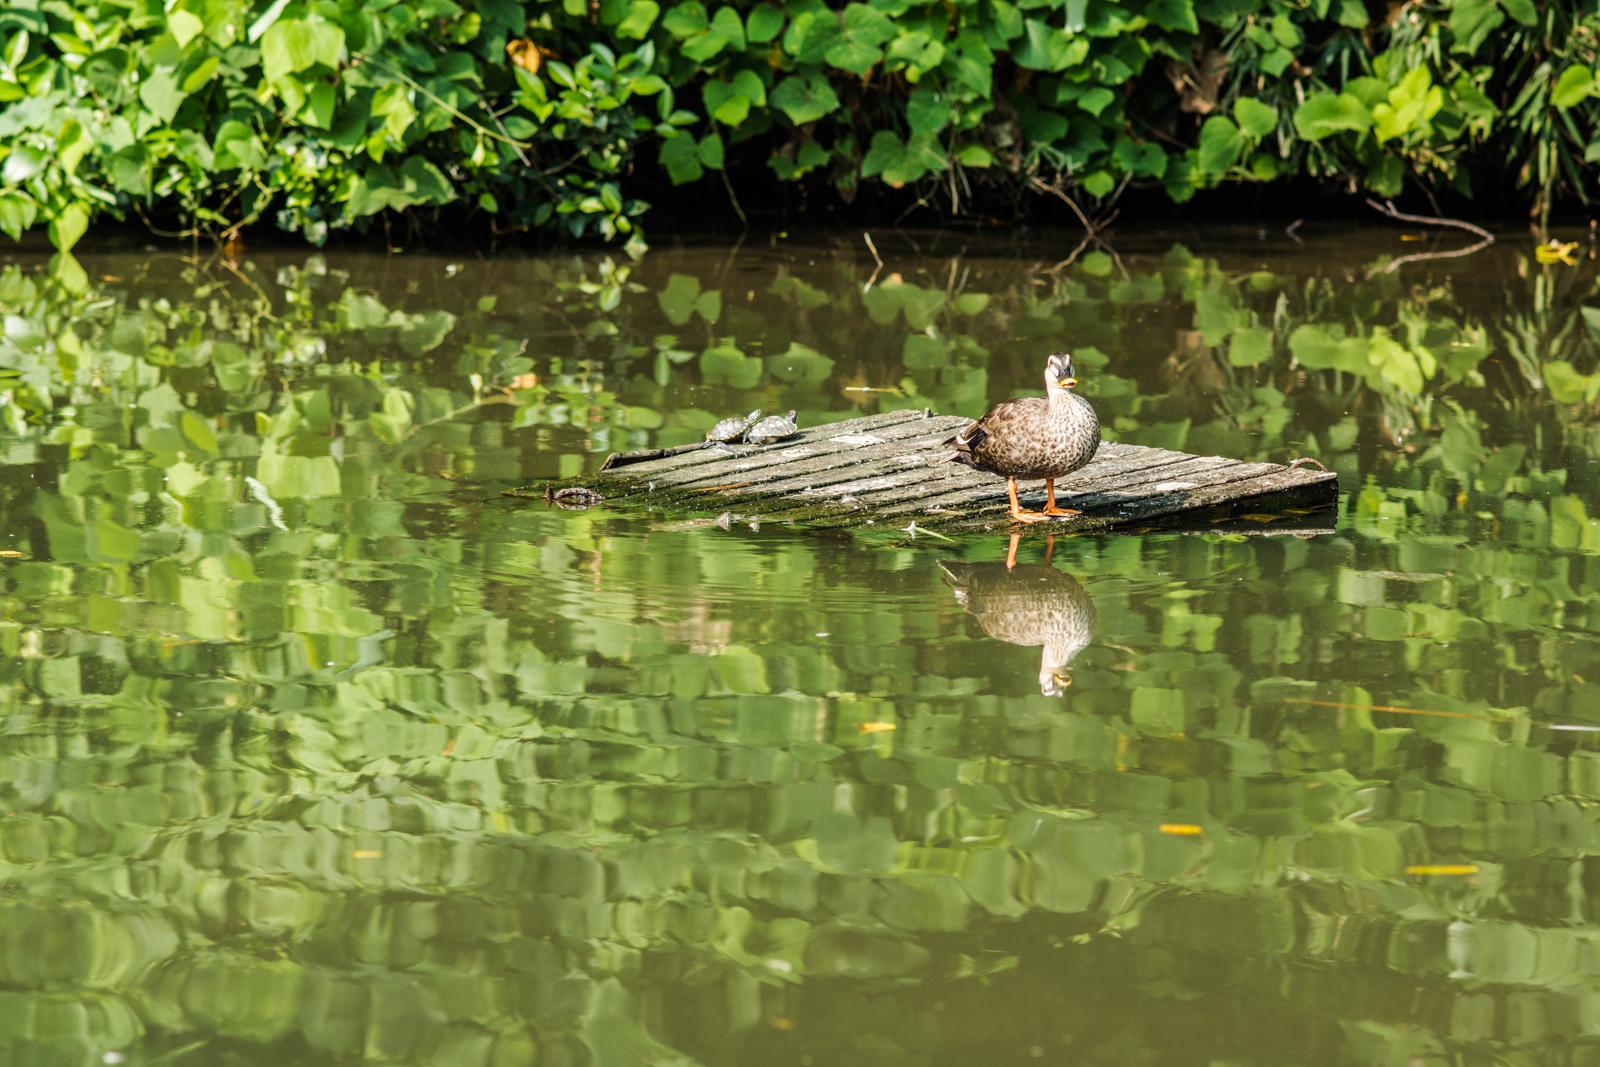 姿見の池に生息する鴨の写真